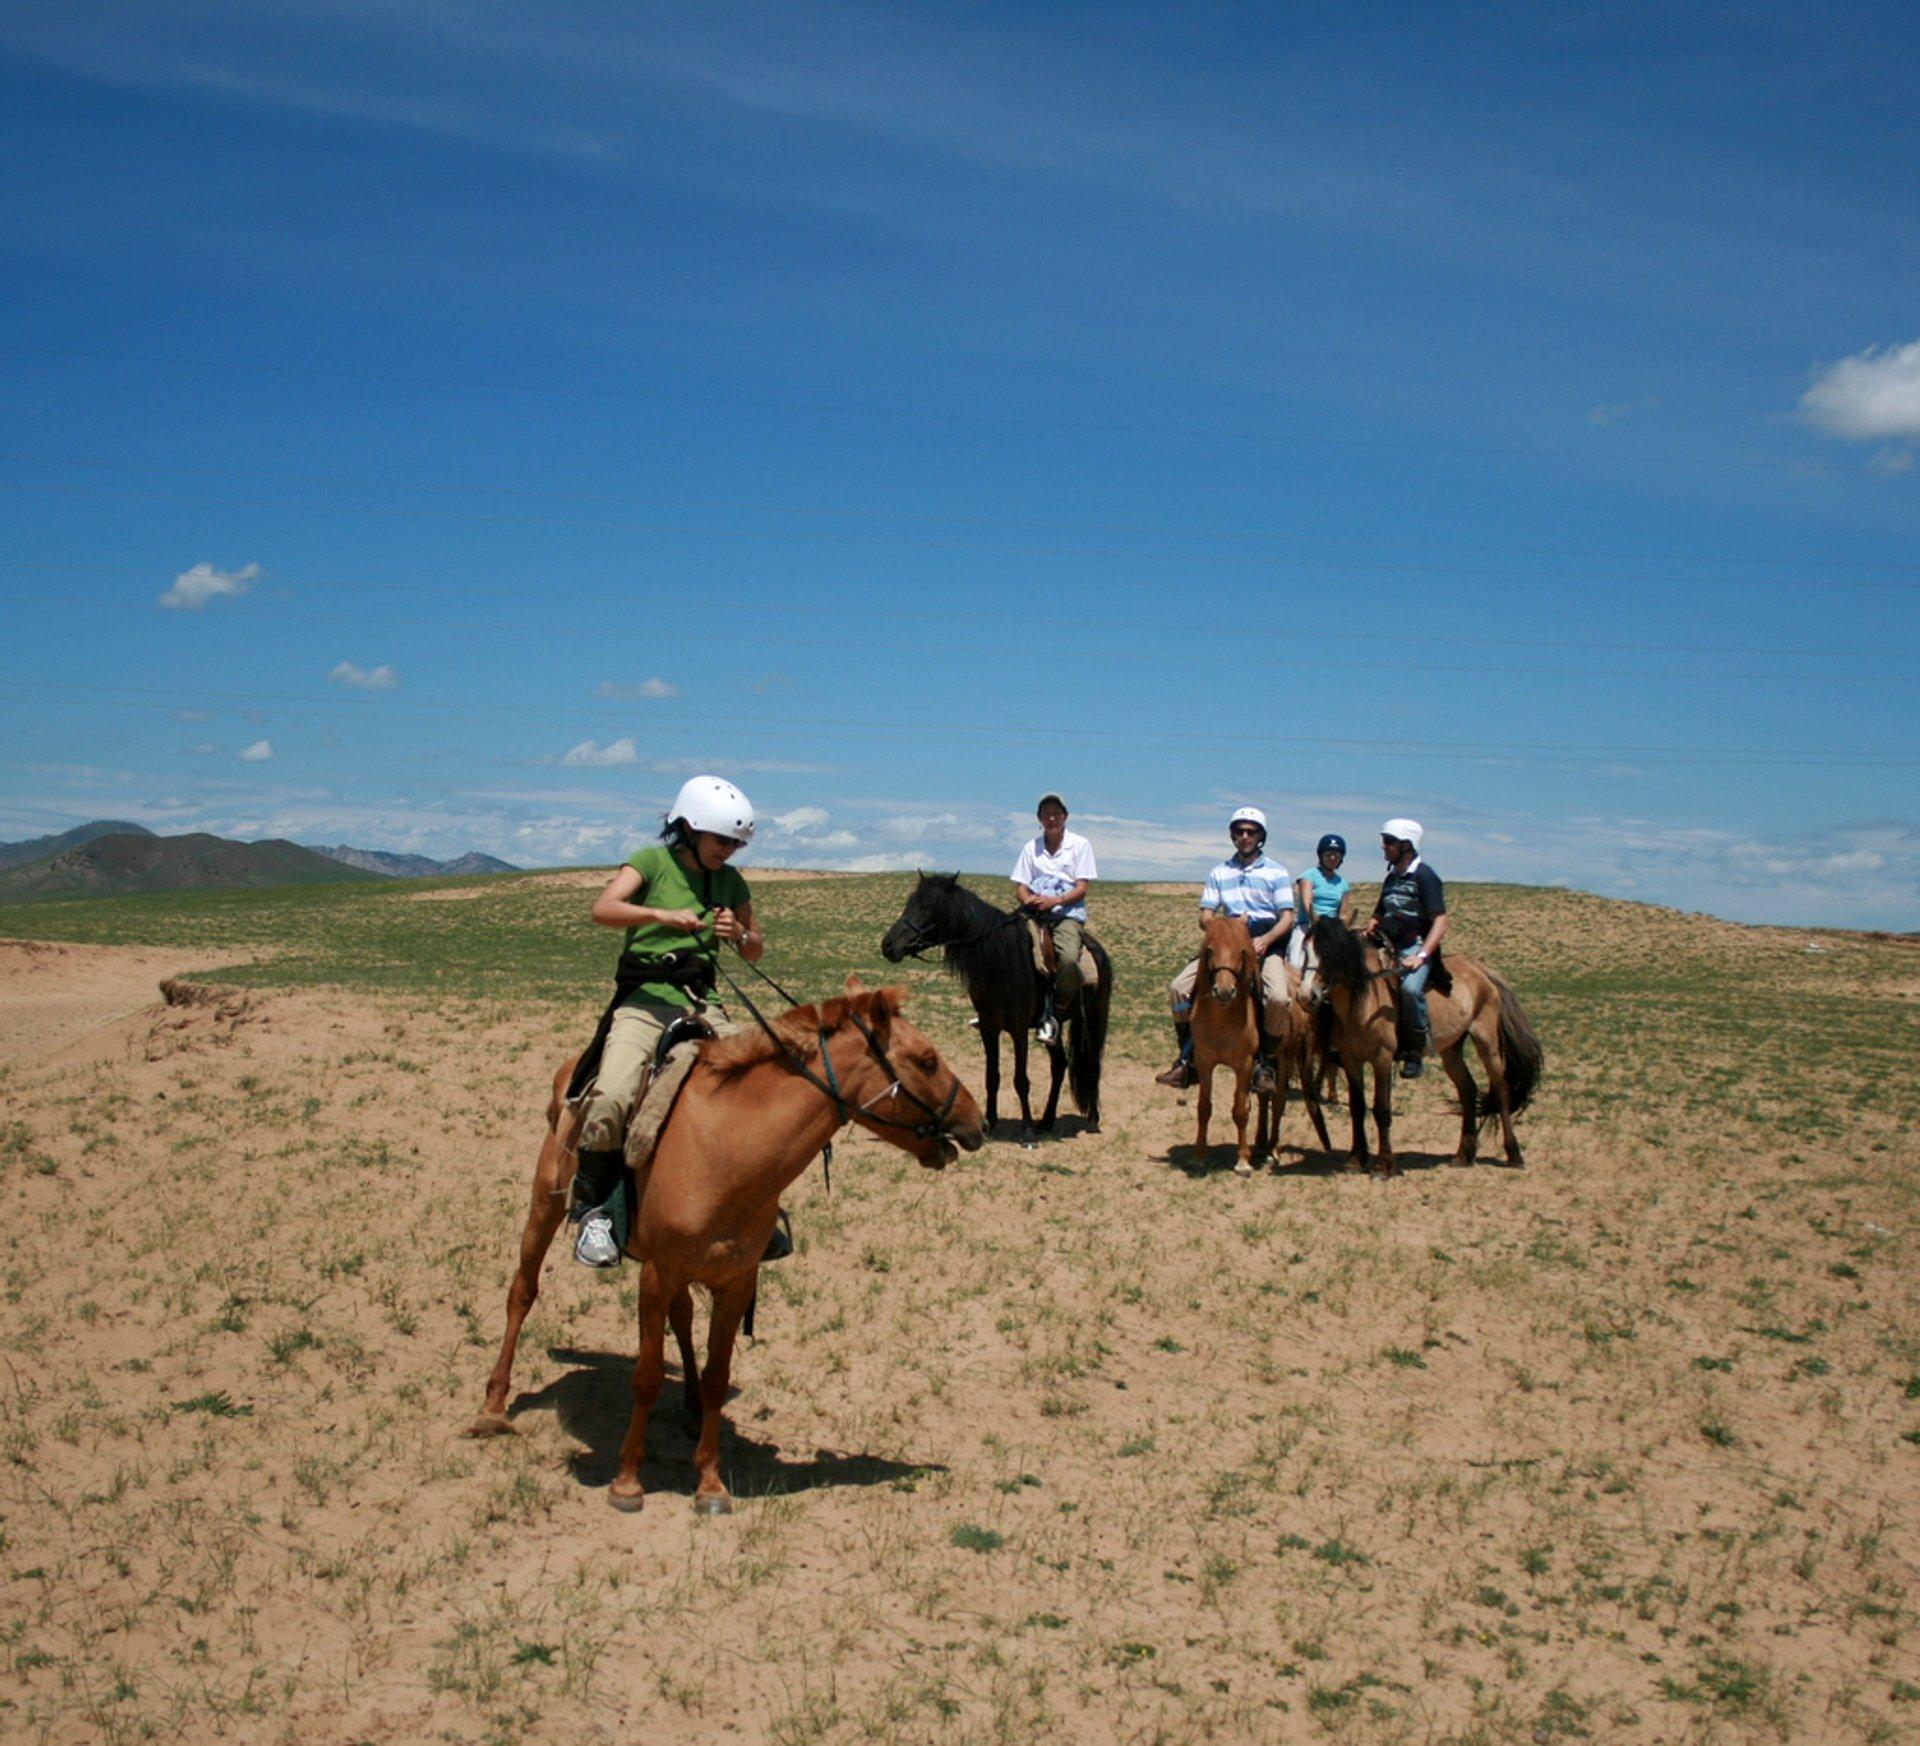 Horseback Riding in Mongolia - Best Season